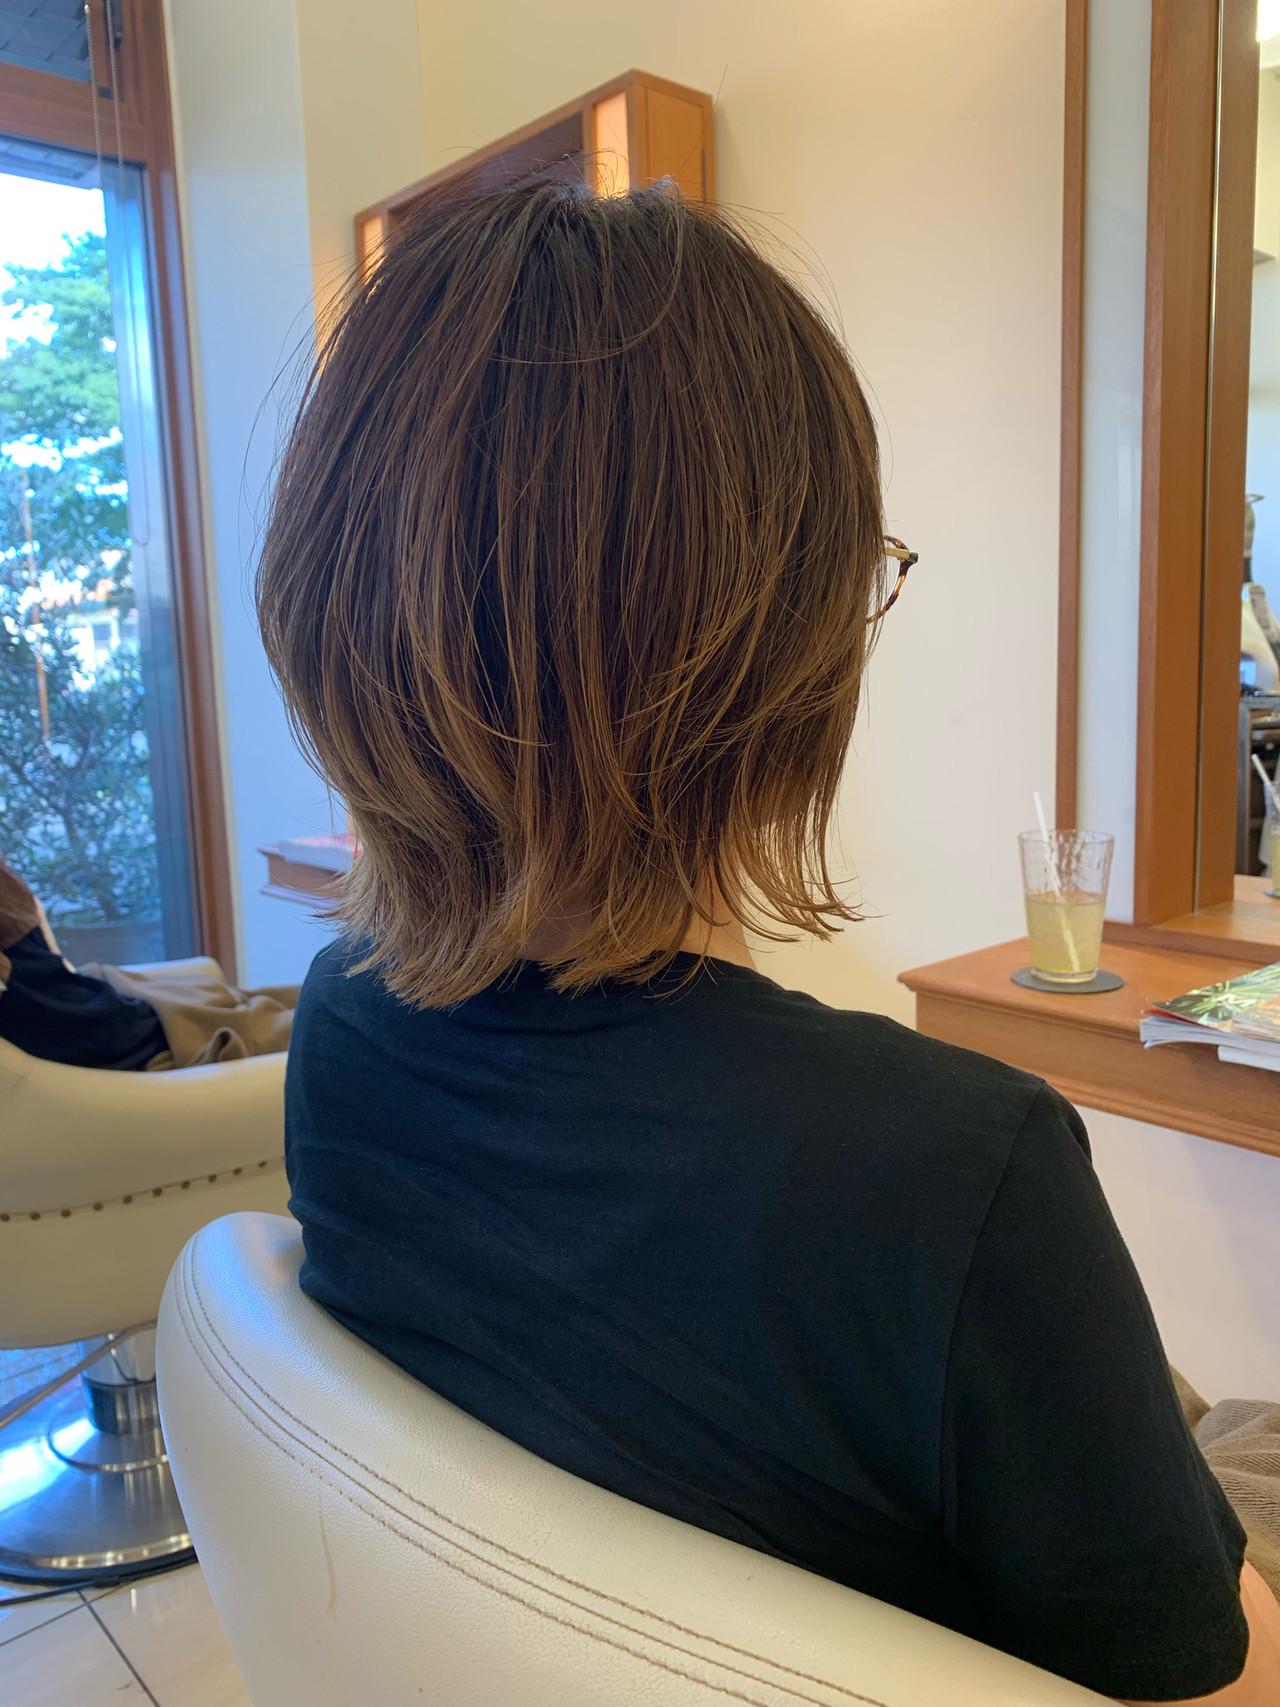 まとまるボブ 前下がり  ふんわり ヘアスタイルや髪型の写真・画像 | 【つくば美容師】ショートヘア愛好家/矢崎 翔太 / ジールサロン